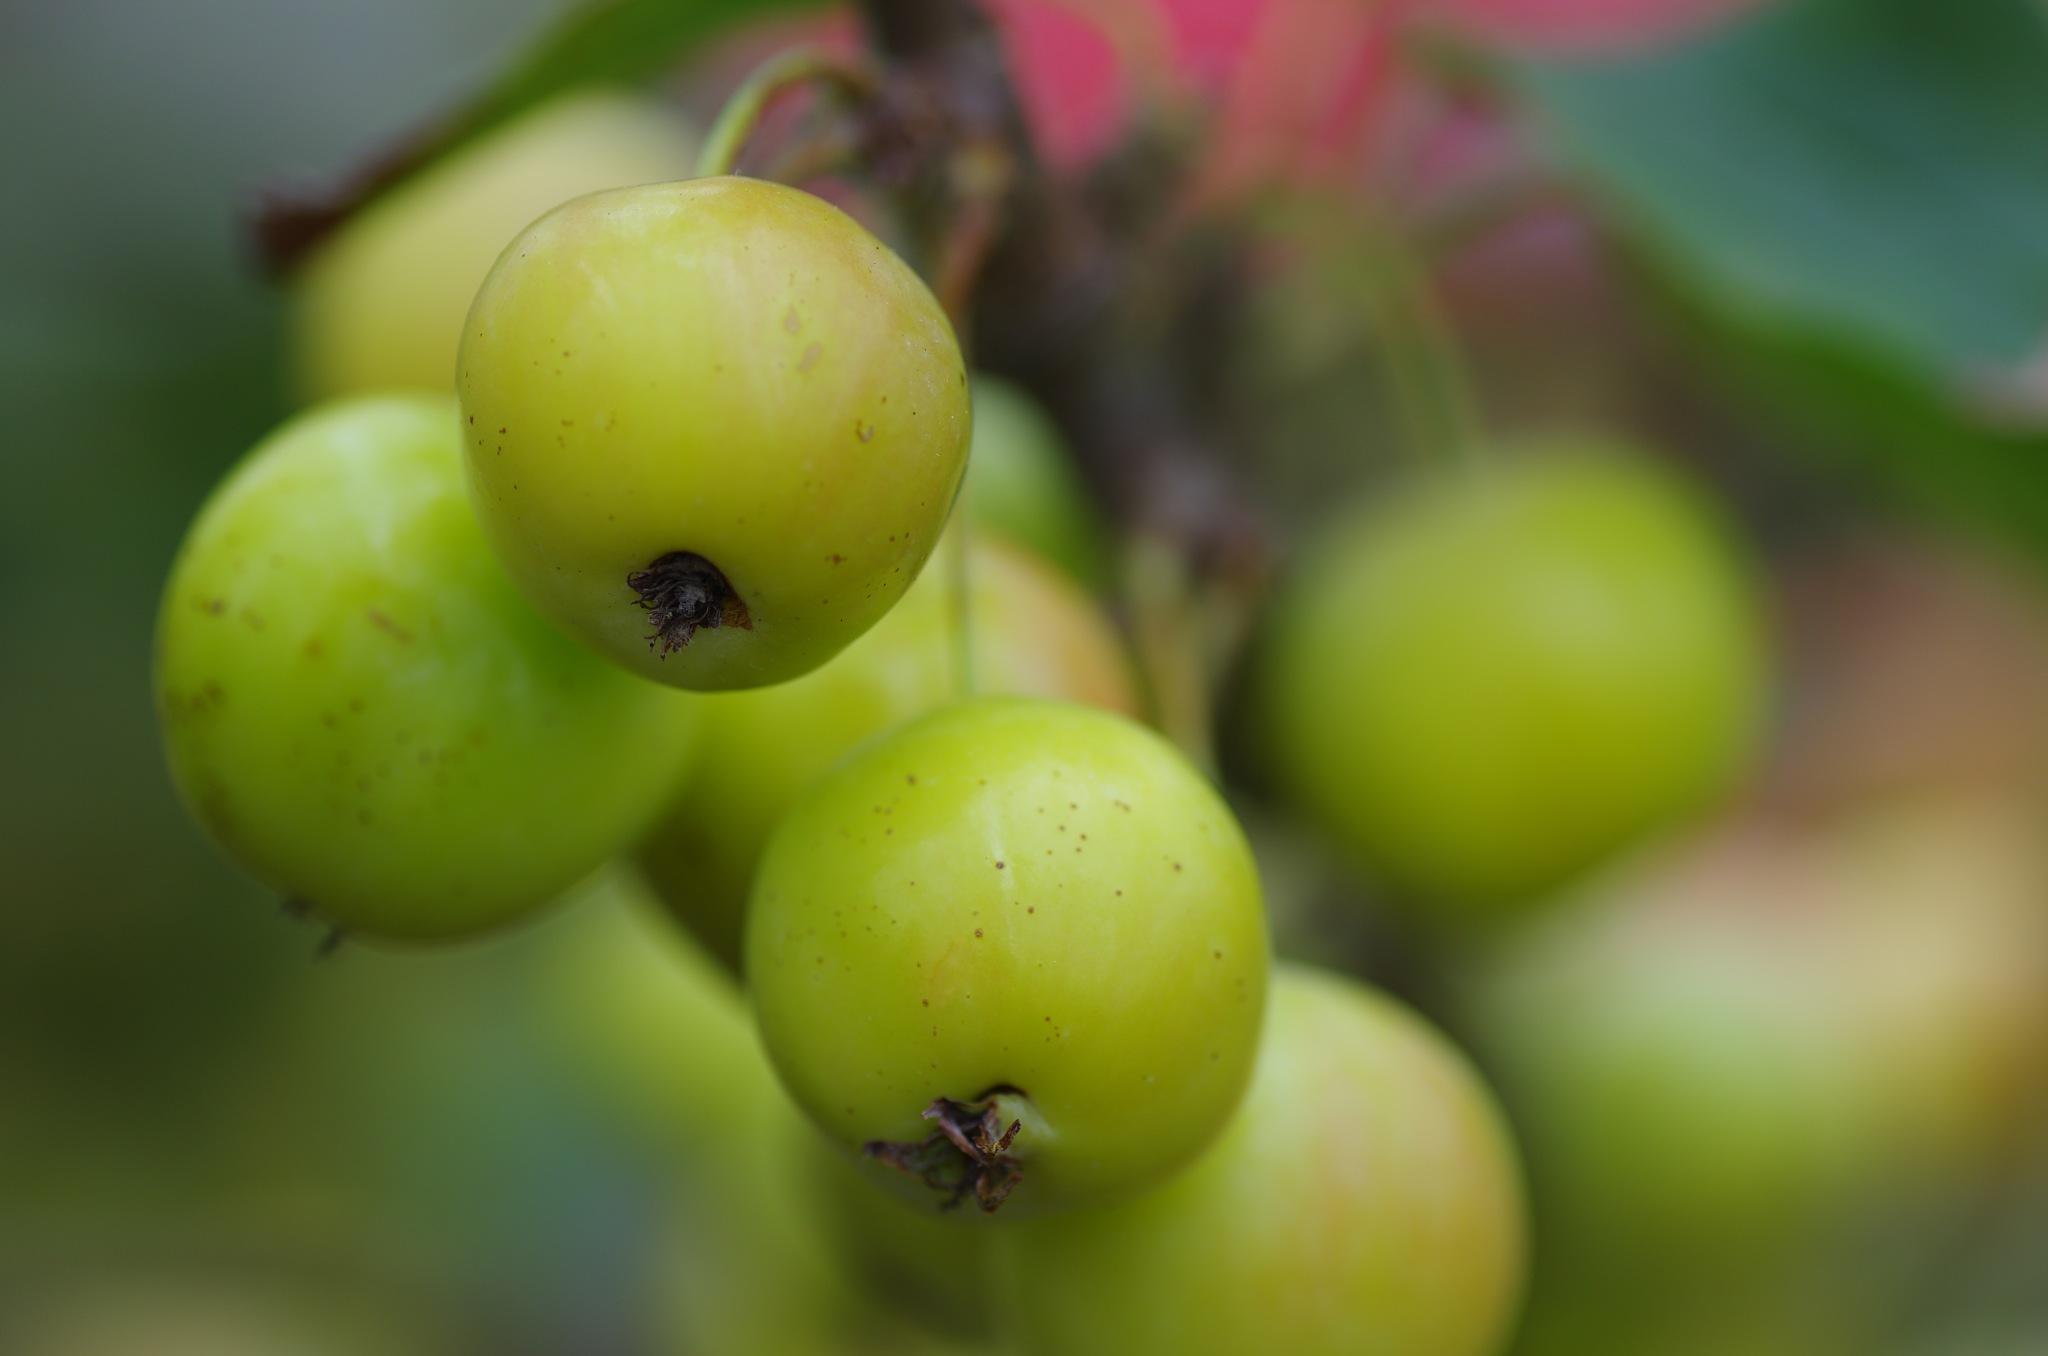 apples by Watze D. de Haan